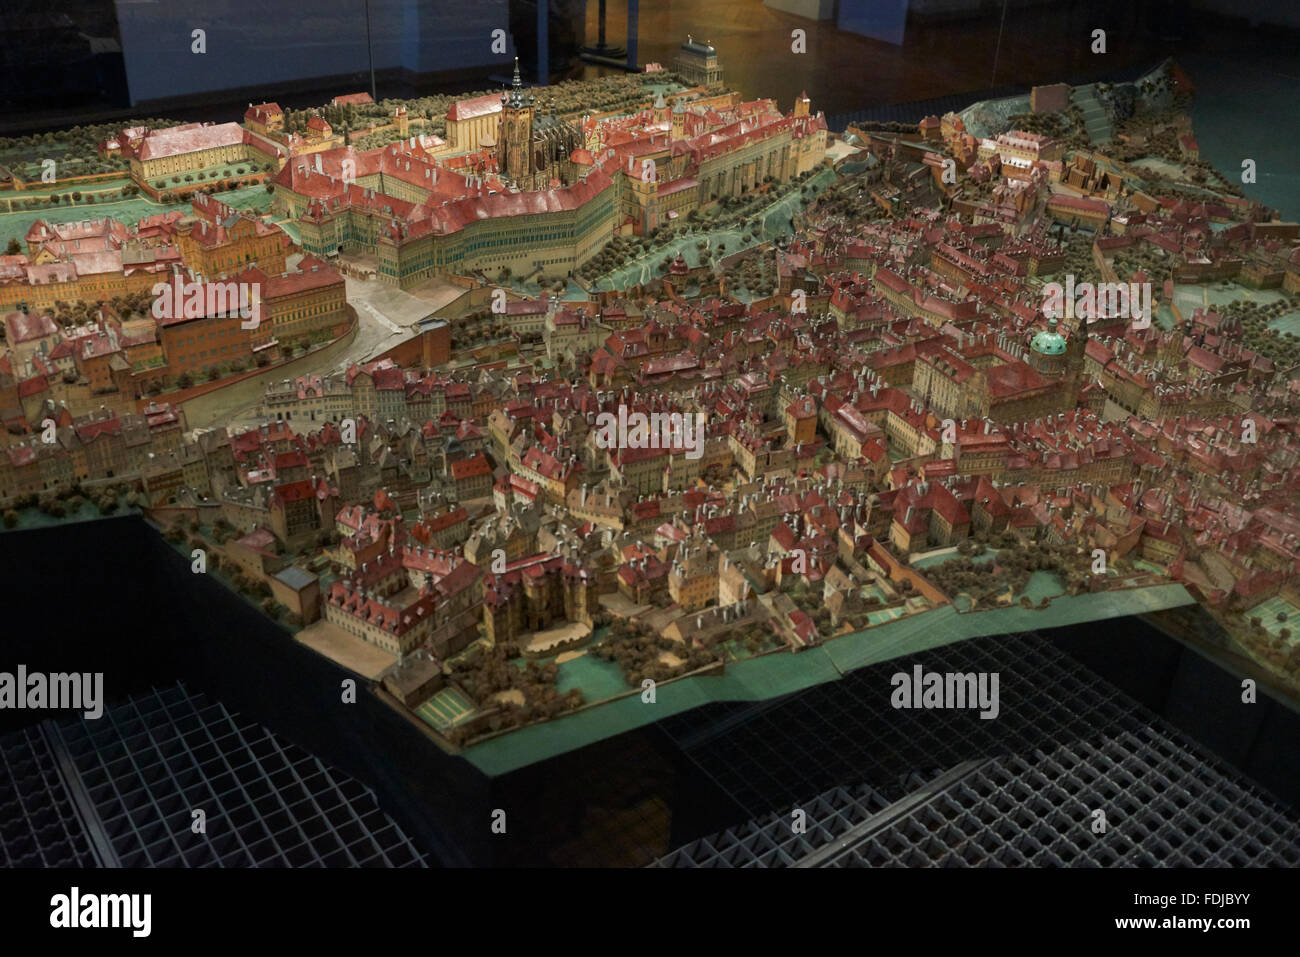 Langweil Papiermodell von Prag. Zeigt mehr als 2.000 Gebäude im historischen Zentrum von Prag bis ins kleinste Stockbild